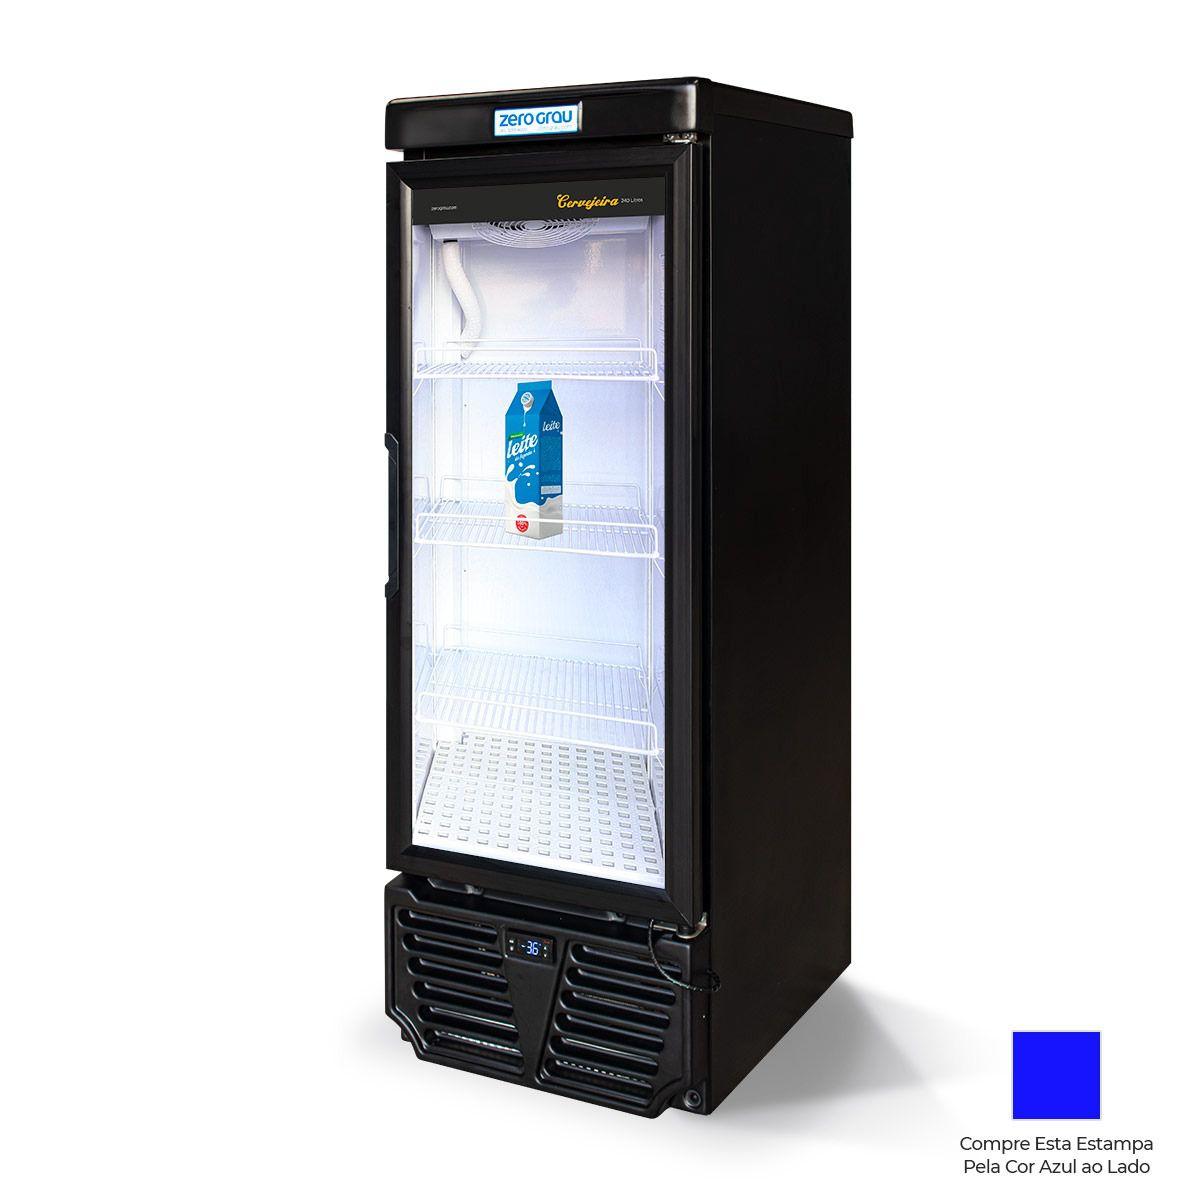 Cervejeira Zero Grau 240 litros até -7° 220V - Estampas Divertidas